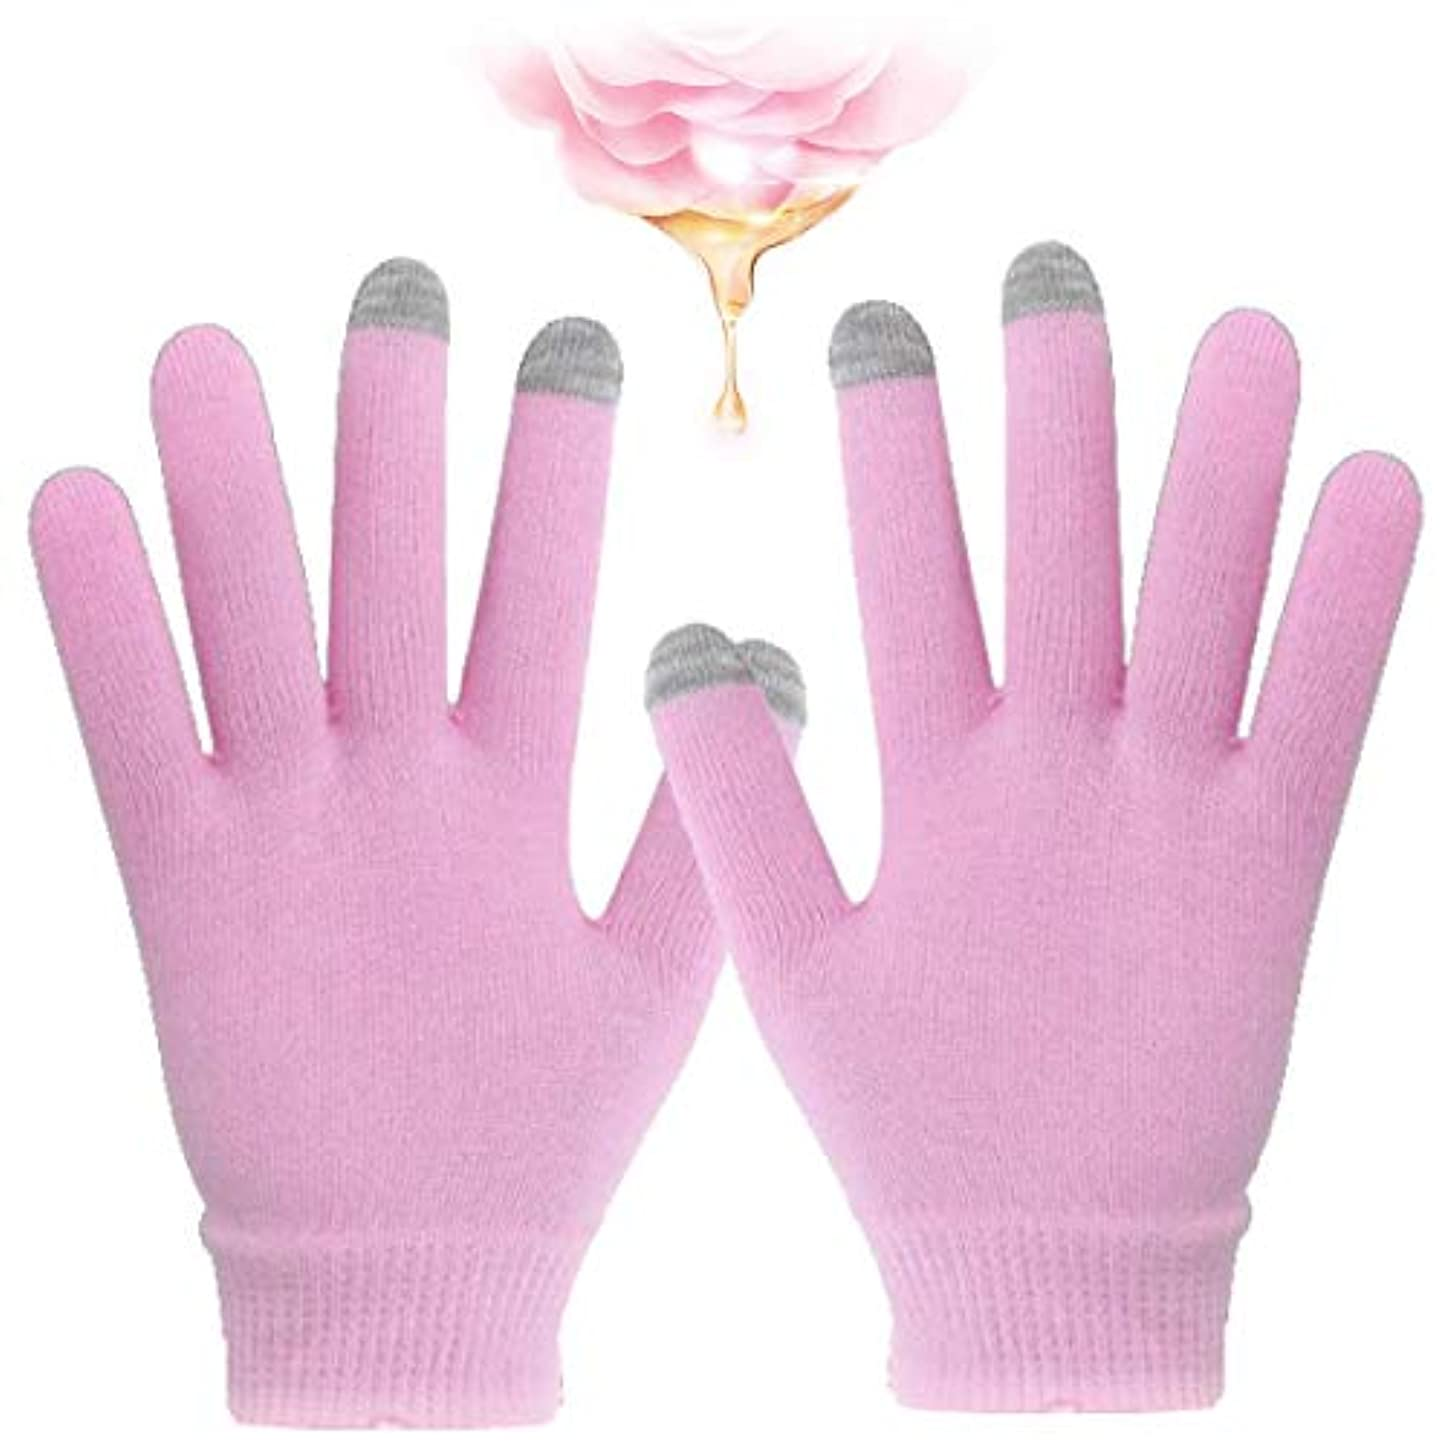 インフルエンザドラフトたまにハンドケア 手袋 スマホ対応 手袋 ゲル 保湿 美容成分配合 手荒れ 対策 おやすみ スキンケア グローブ うるおい 保護 タブレット